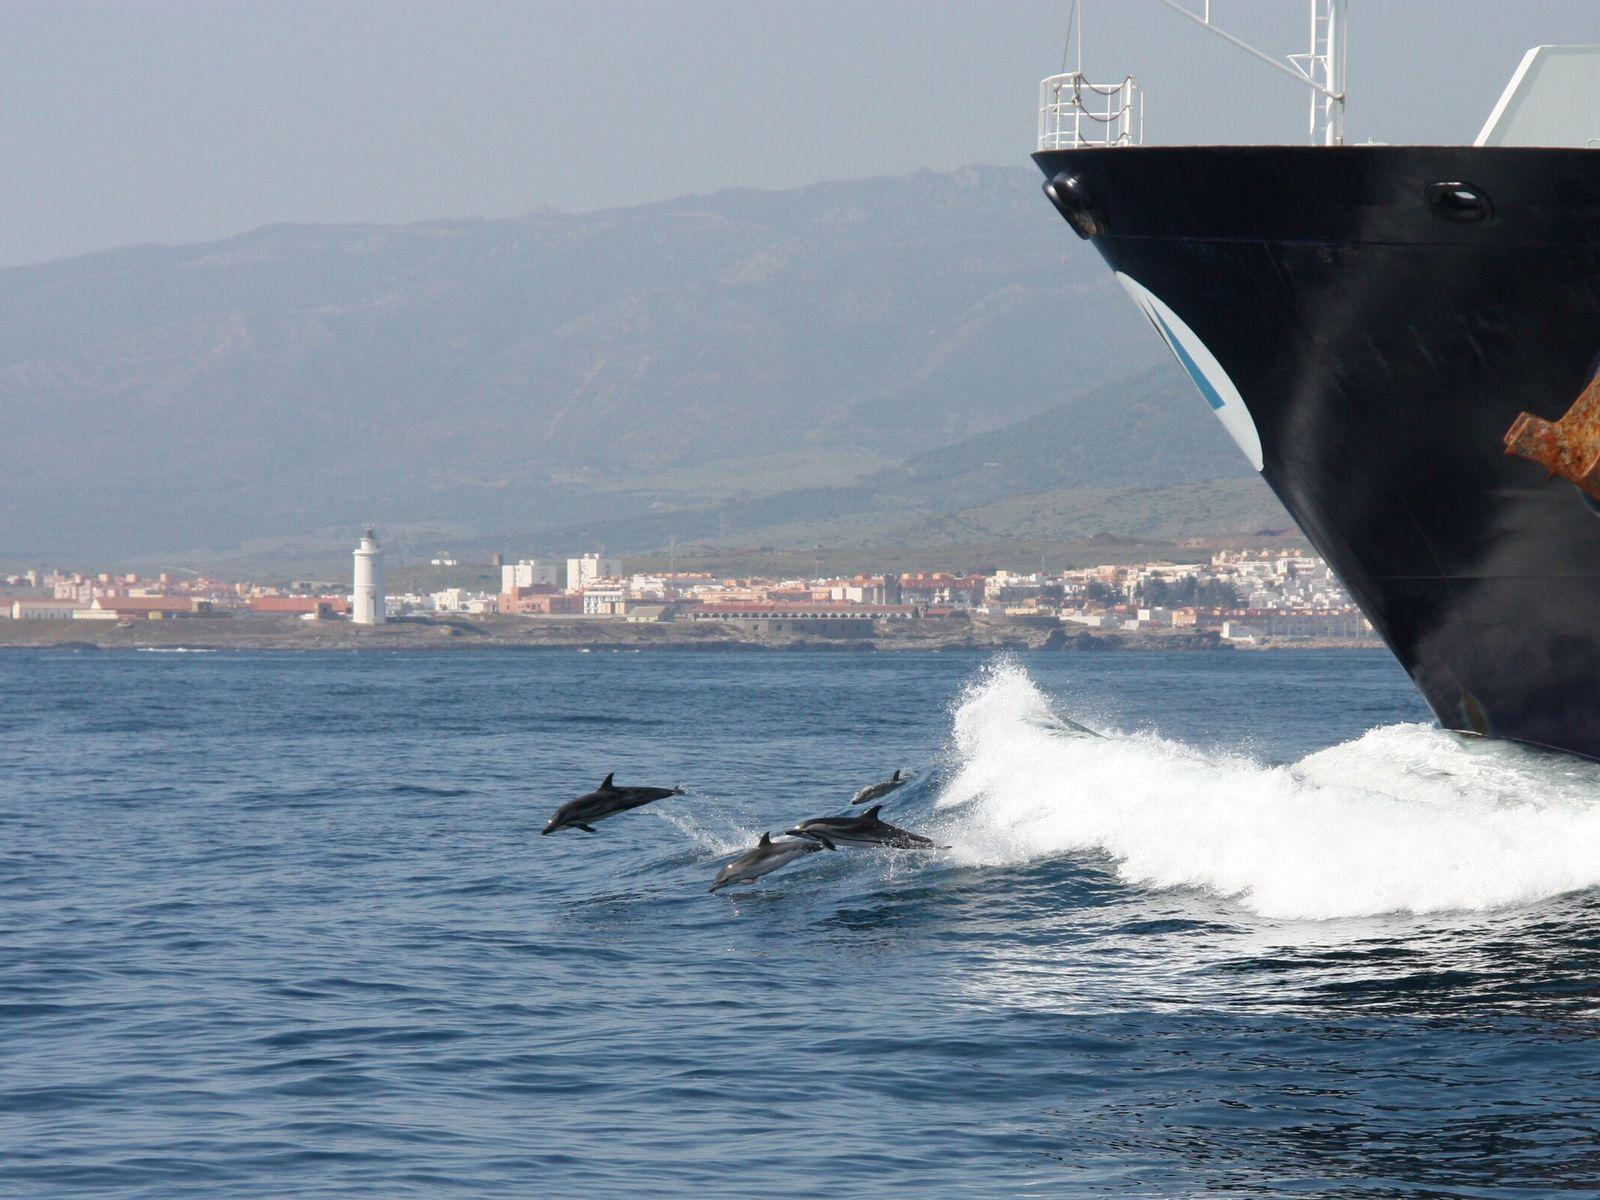 Gestreifte Delfine vor einem Frachtschiff in der Straße von Gibraltar